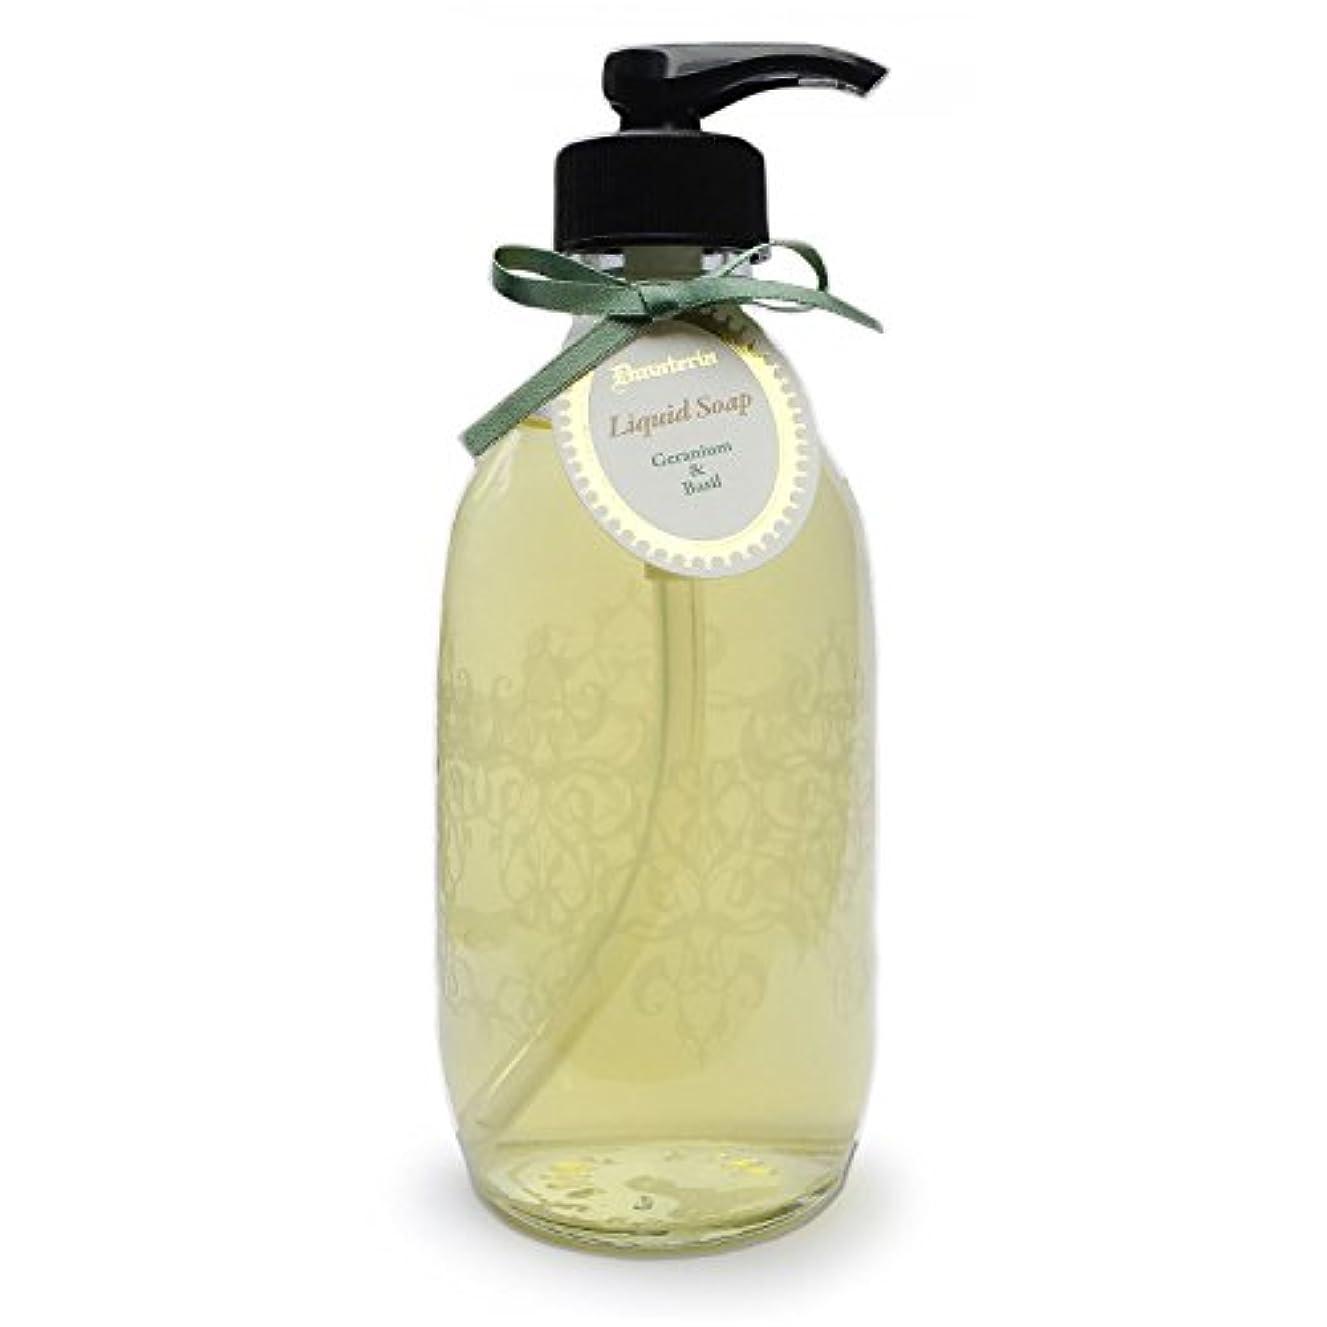 疑わしい冬ミリメーターD materia リキッドソープ ゼラニウム&バジル Geranium&Basil Liquid Soap ディーマテリア